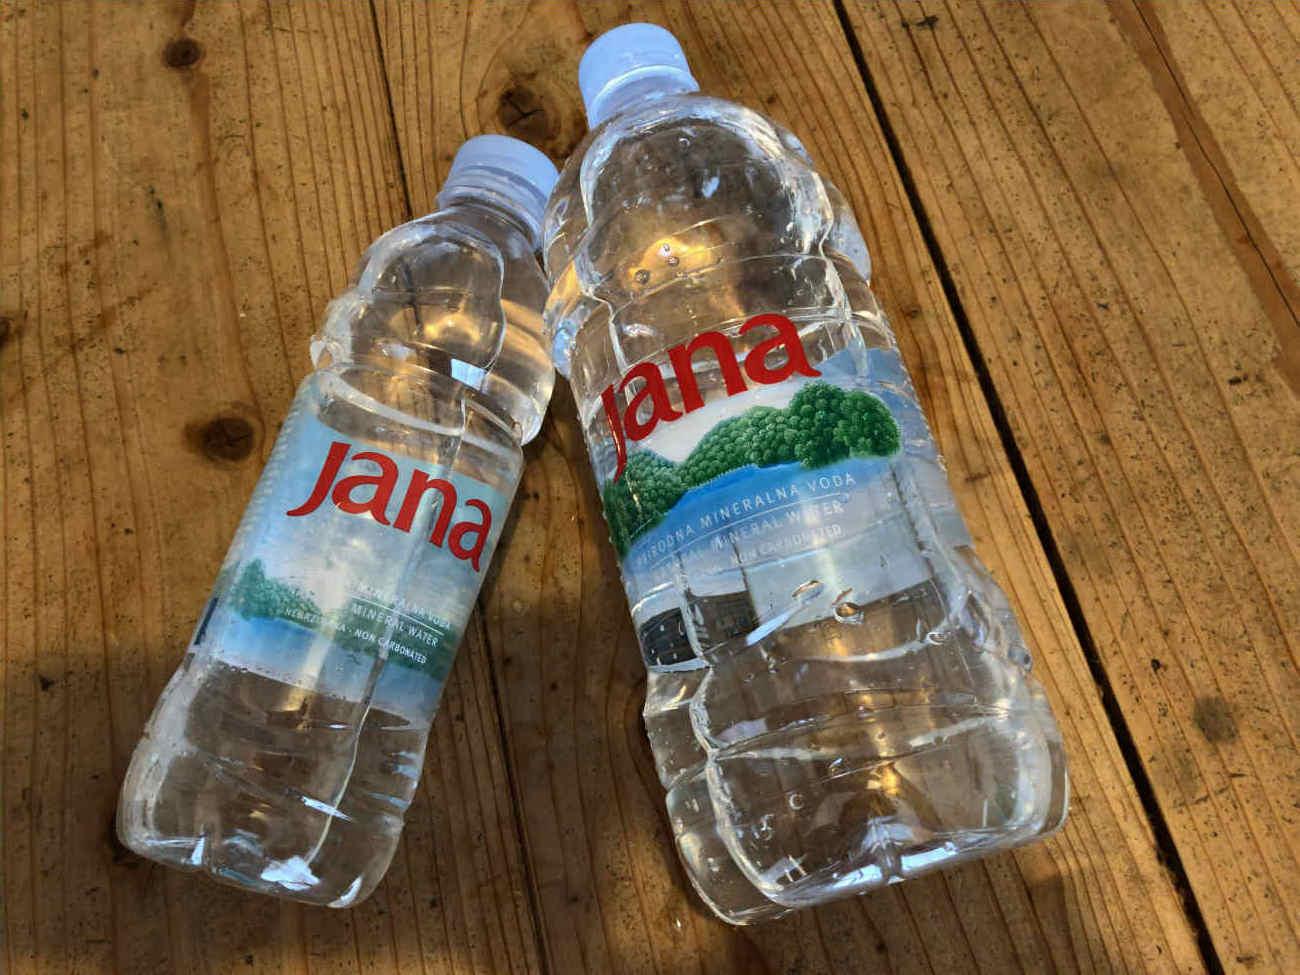 クロアチアのミネラルウォーターのJana